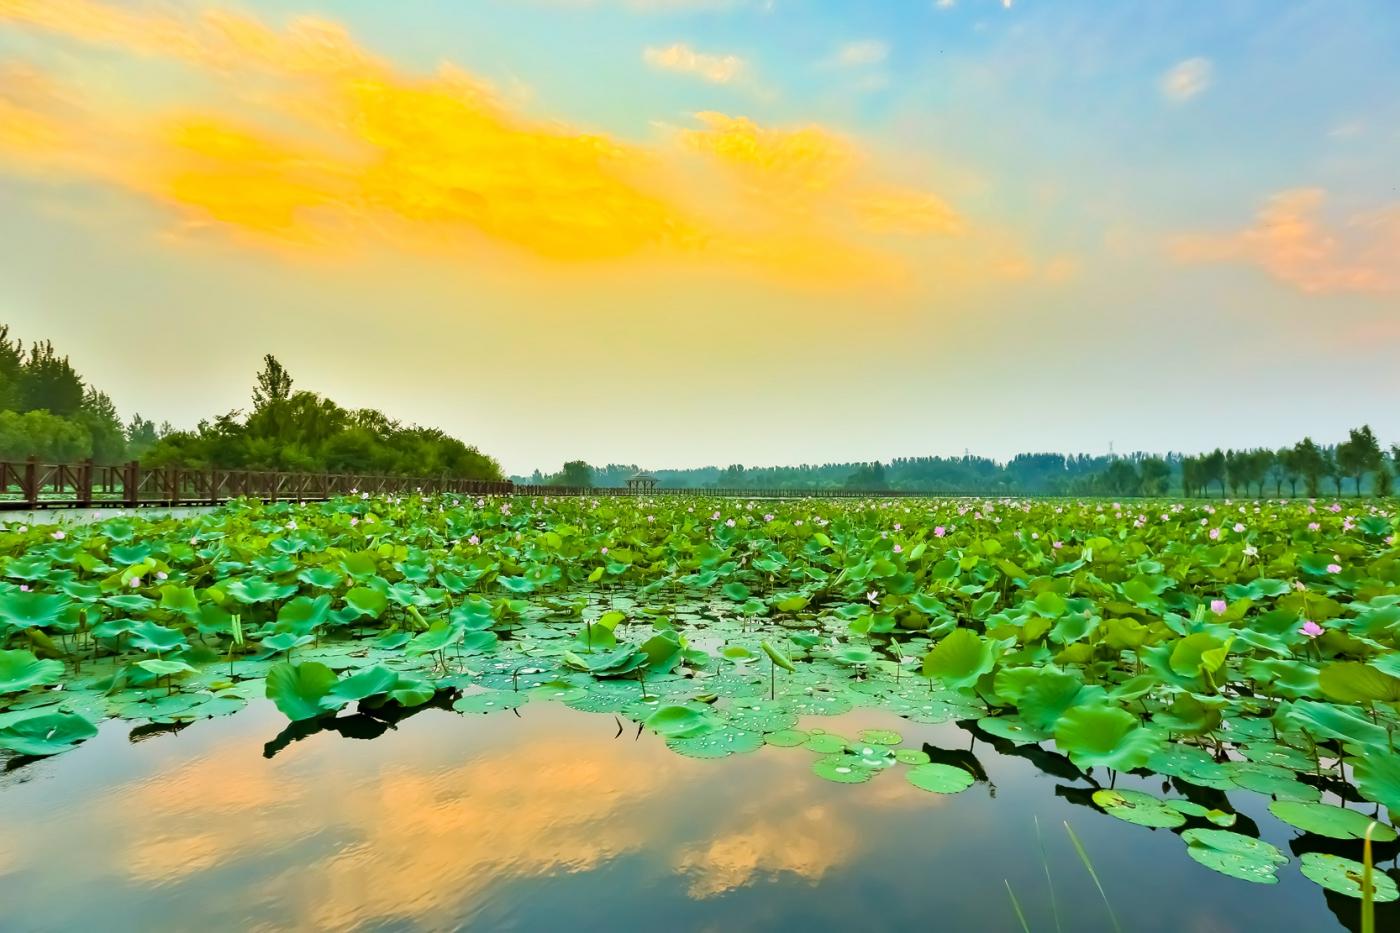 早晨的祥云印照下的临沂黄山武河湿地红荷园_图1-5